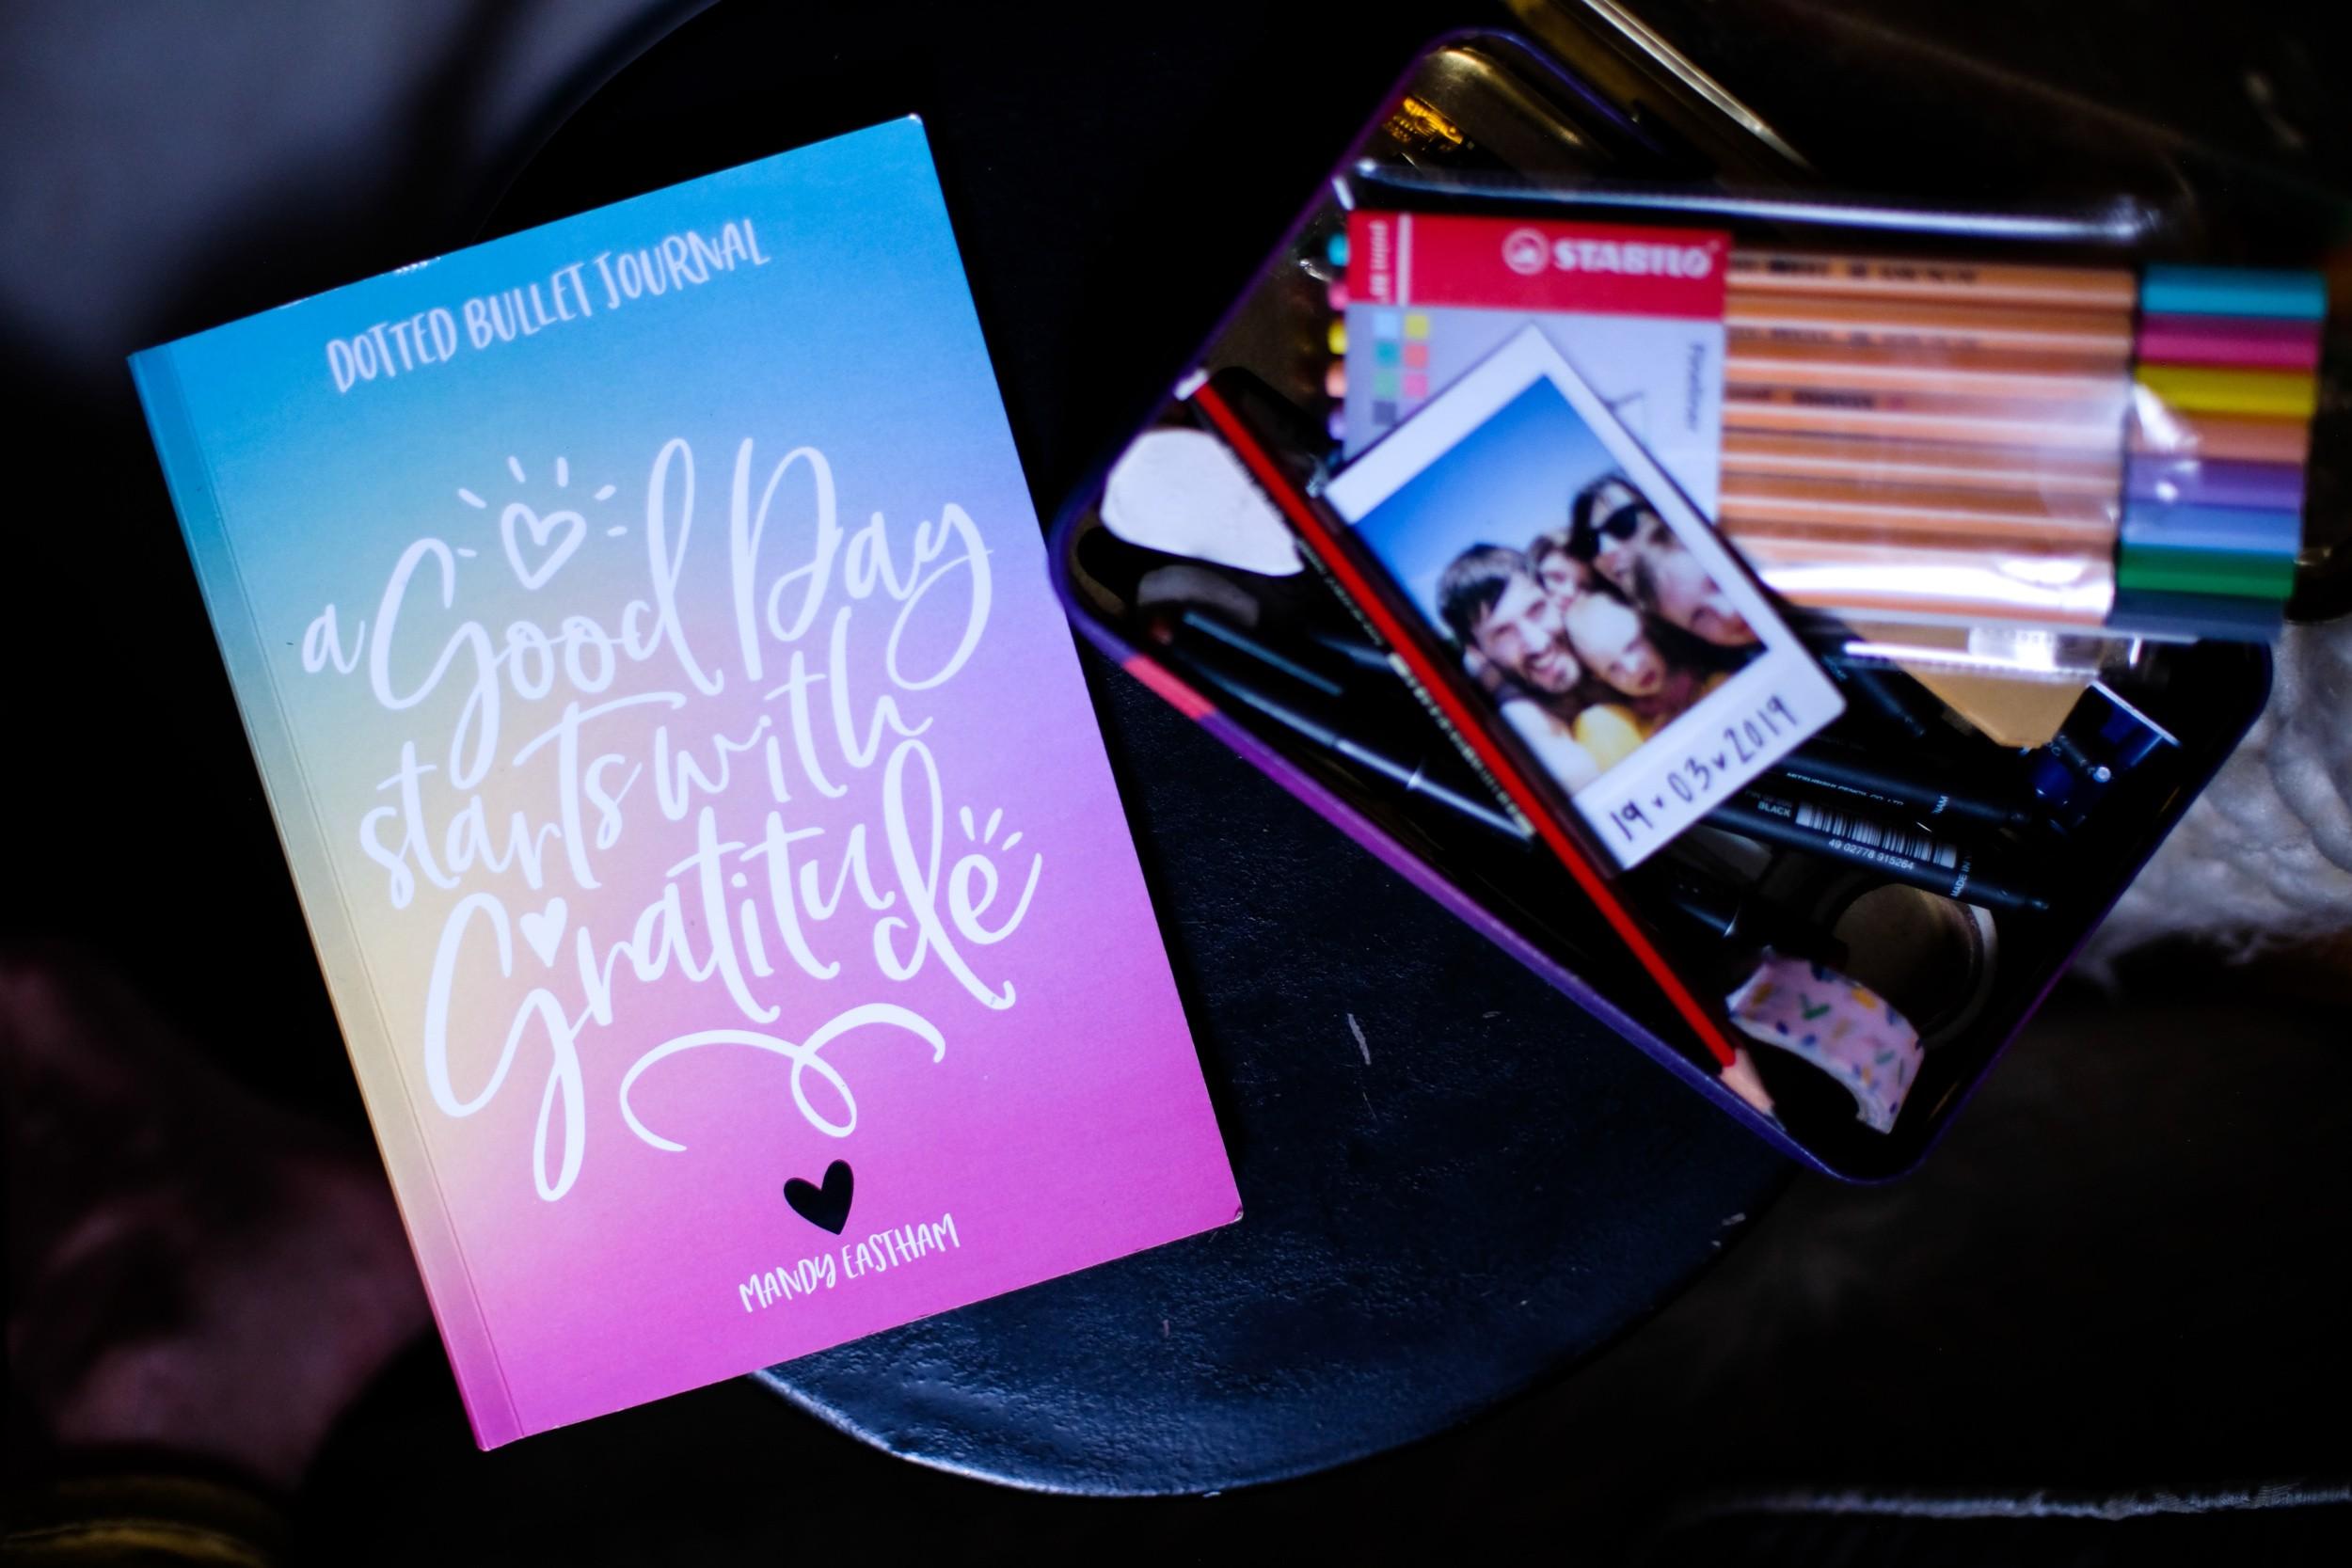 Keeping-a-gratitude-journal